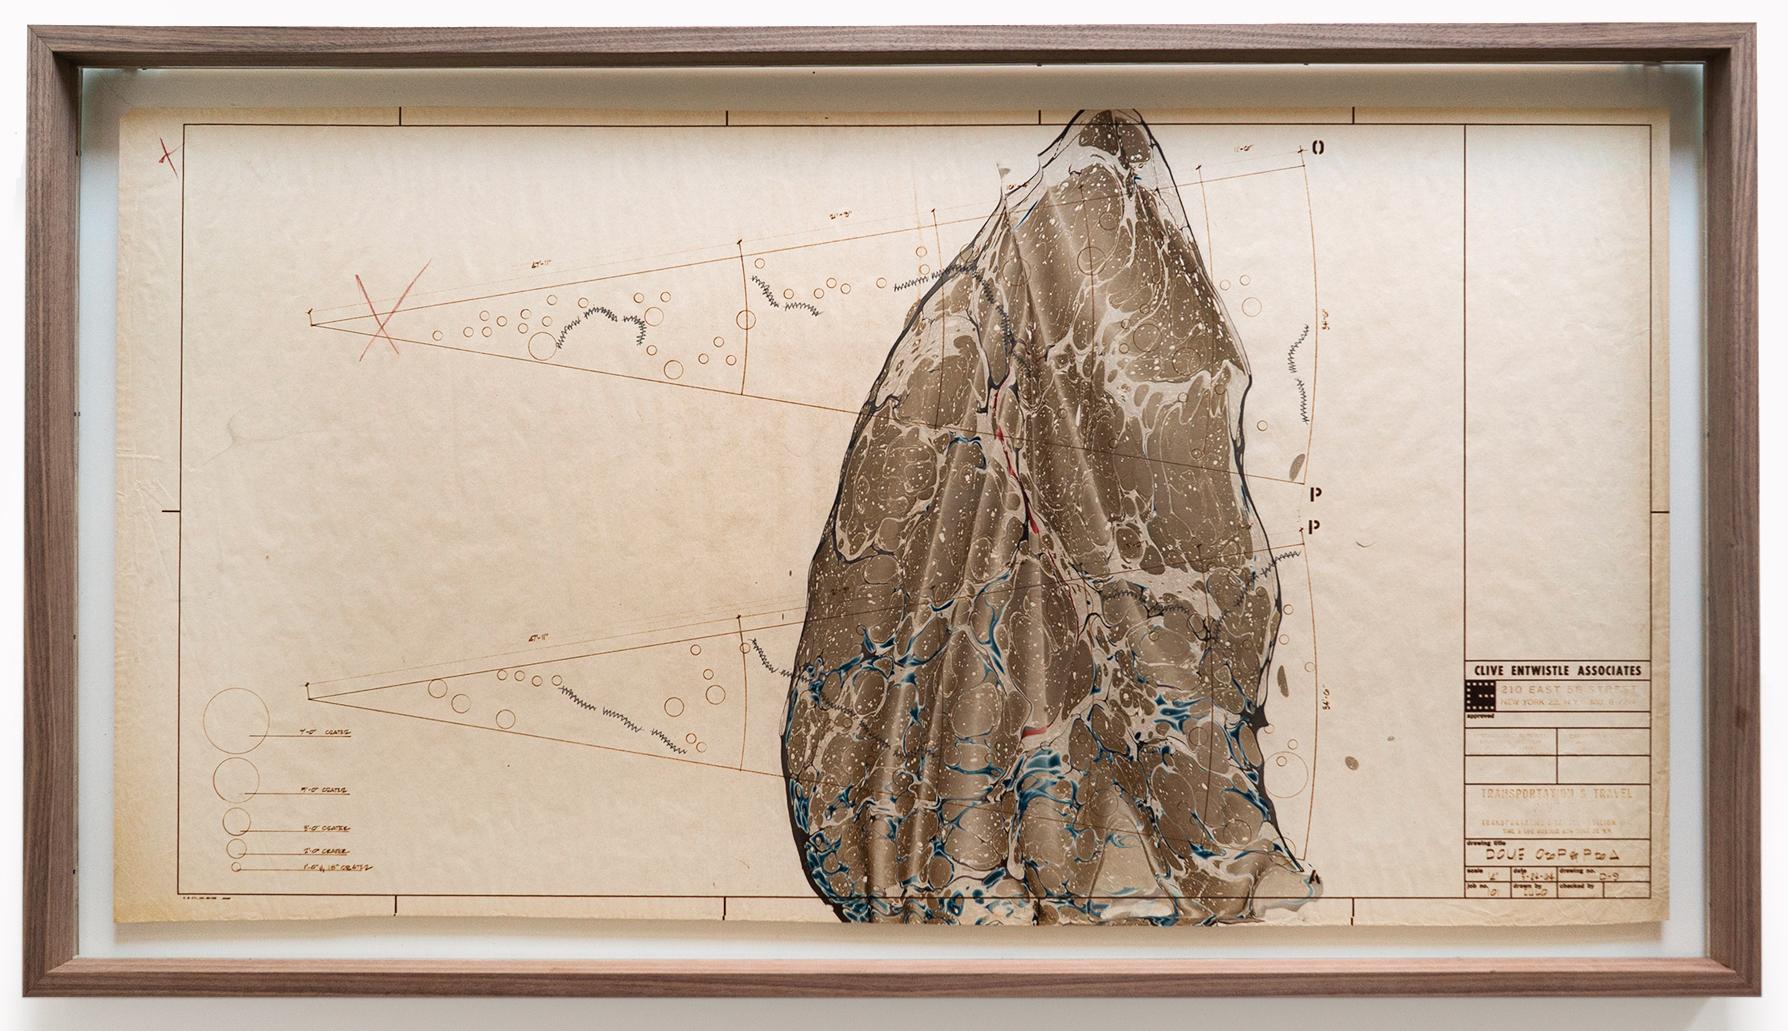 Galerie Barbara Thumm \ Sarah Entwistle: Harvest Moon 1963 #5 (SEn-18-0001) \ Harvest Moon 1963 #5 (2021)